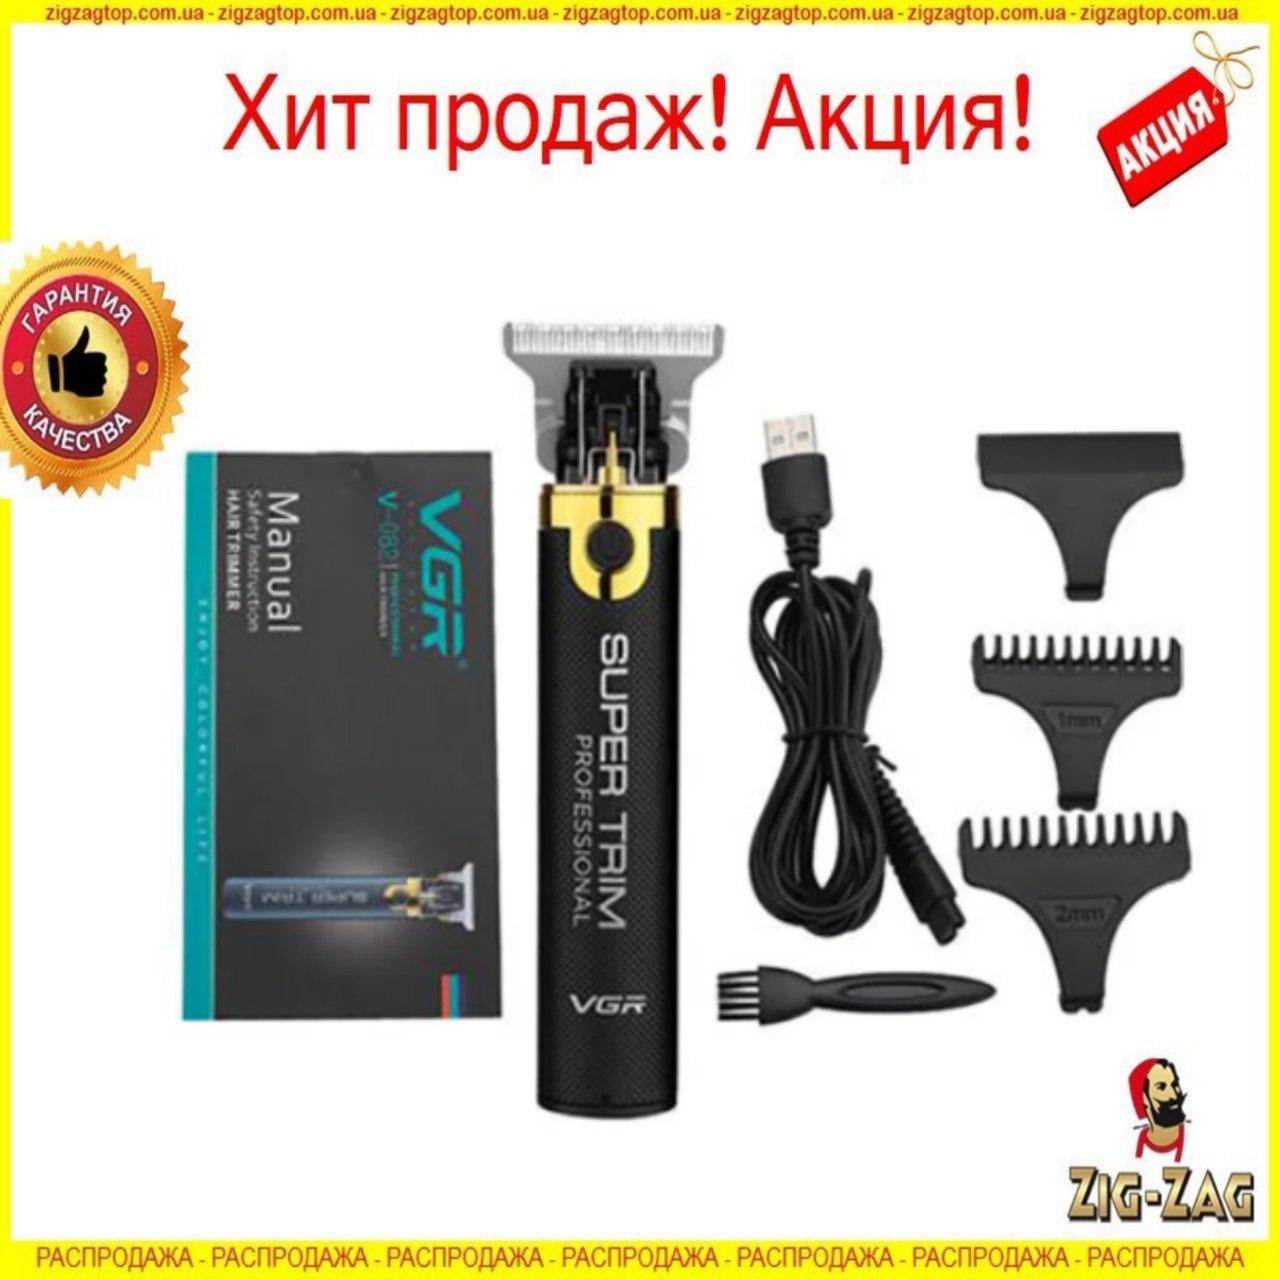 Професійна машинка Super Trim VGR V-082 для стрижки волосся Голови Вусів і Бороді Бритва Тример